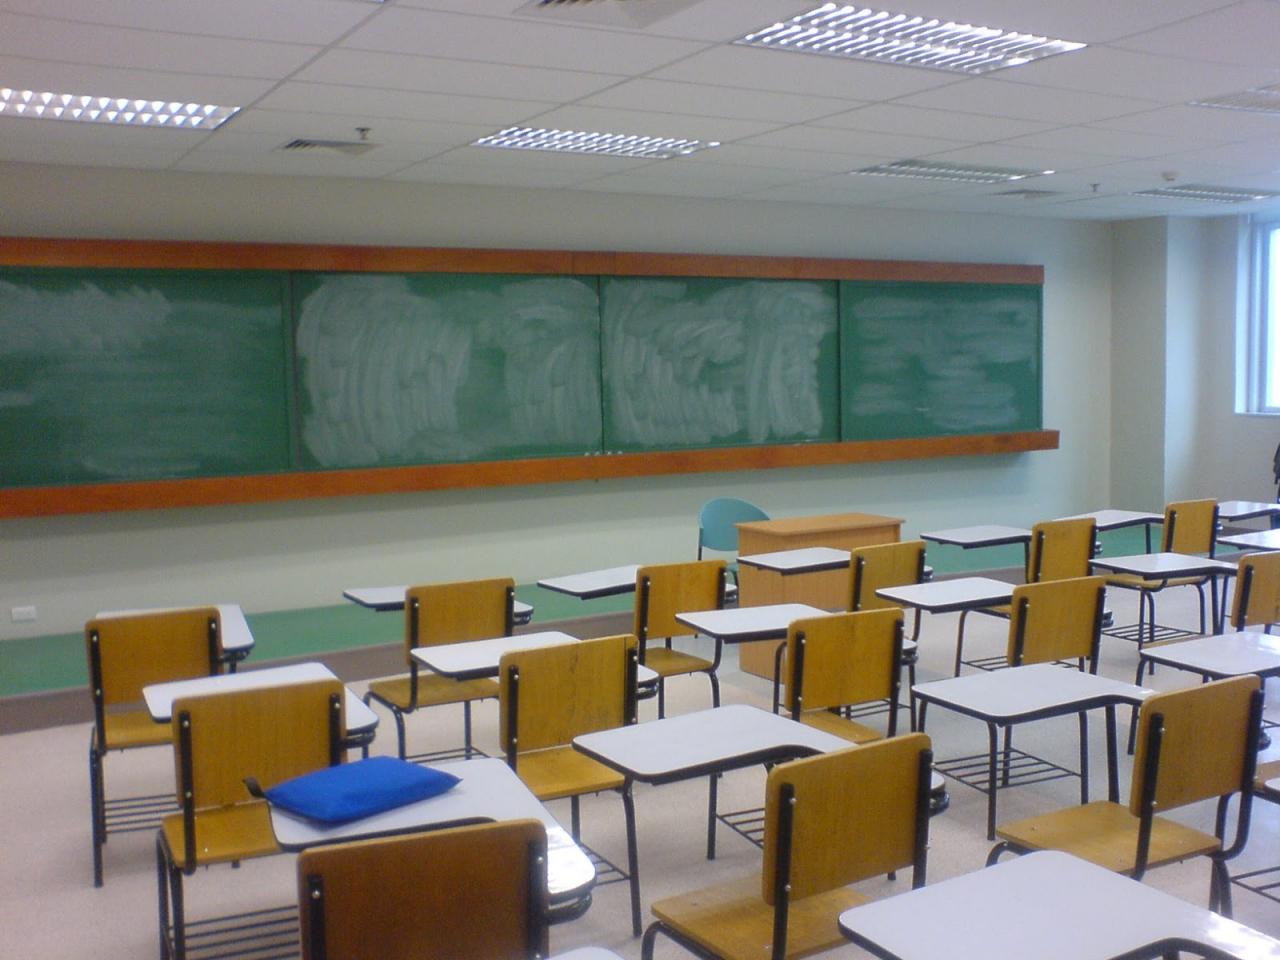 Foto van een leeg klaslokaal met een afgeveegd krijtbord. op één van de lessenaars ligt een blauwe map.